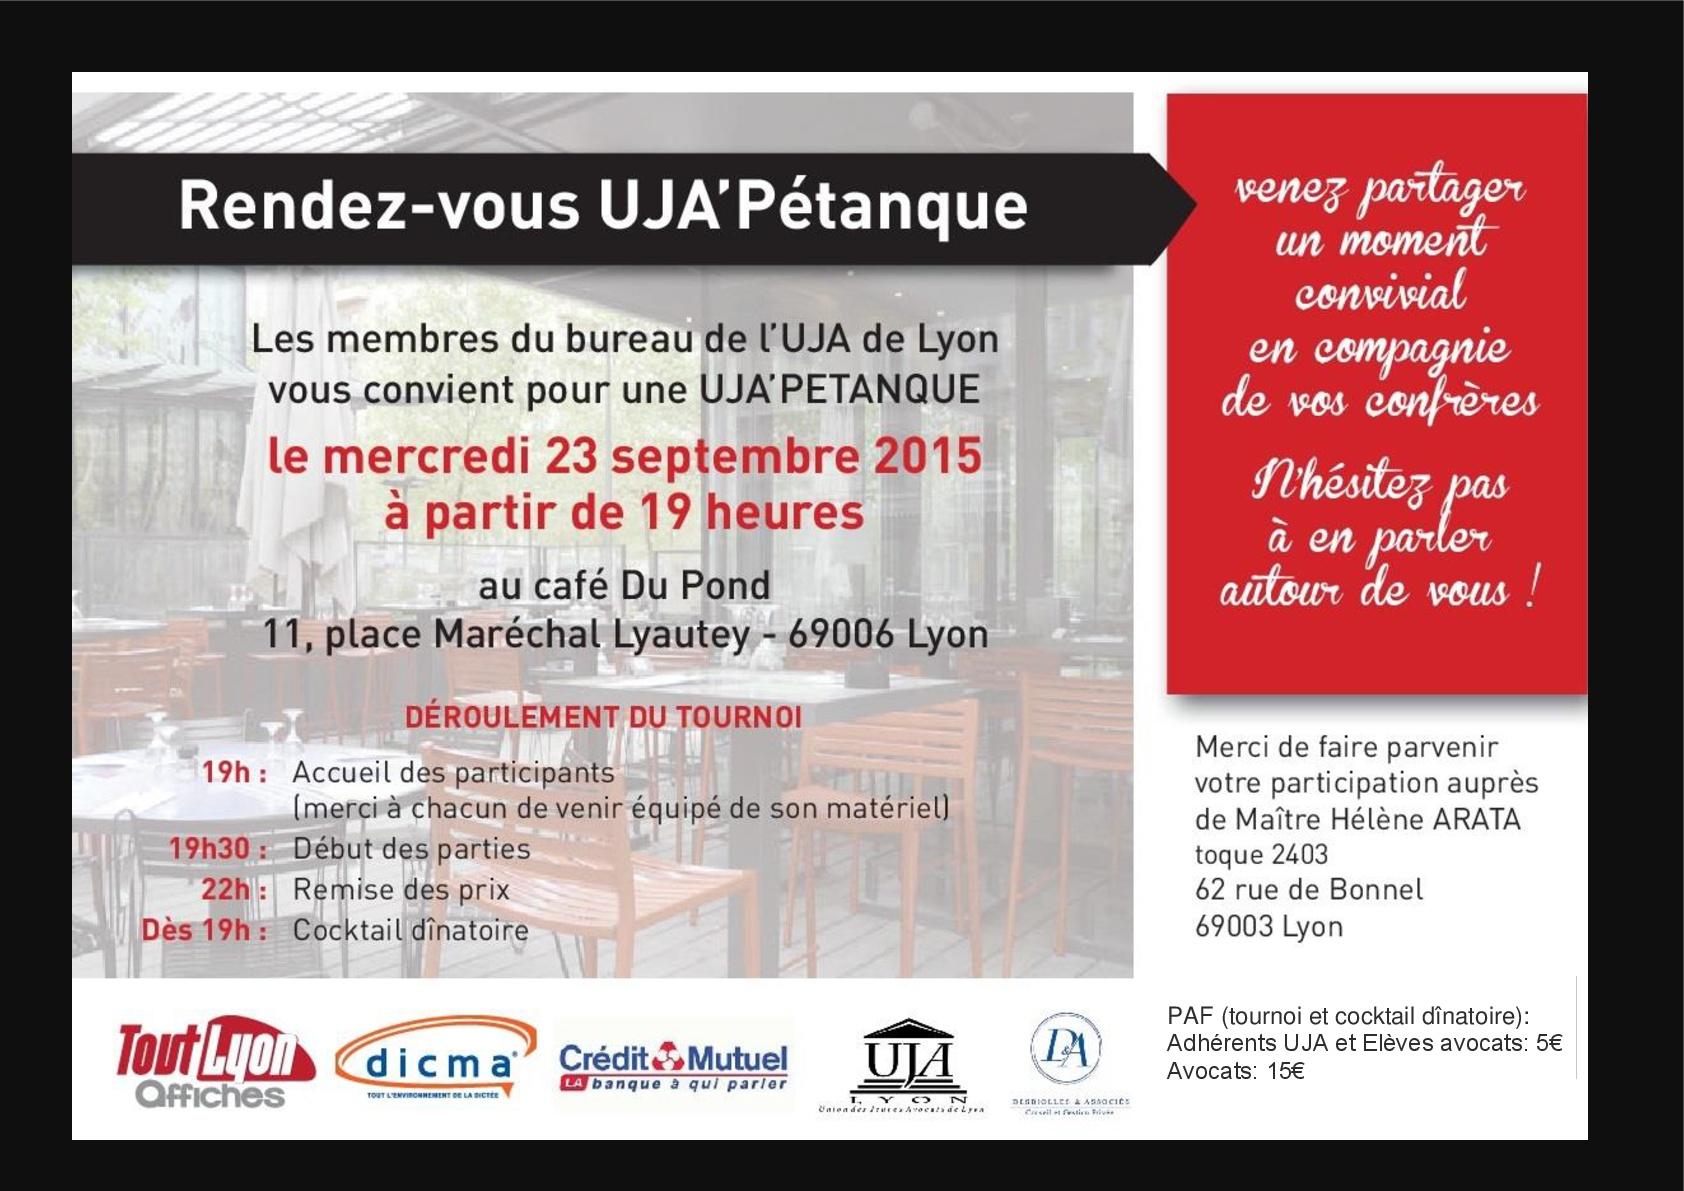 UJA'Pétanque : rendez vous le 23 septembre 2015 au Café Du Pond